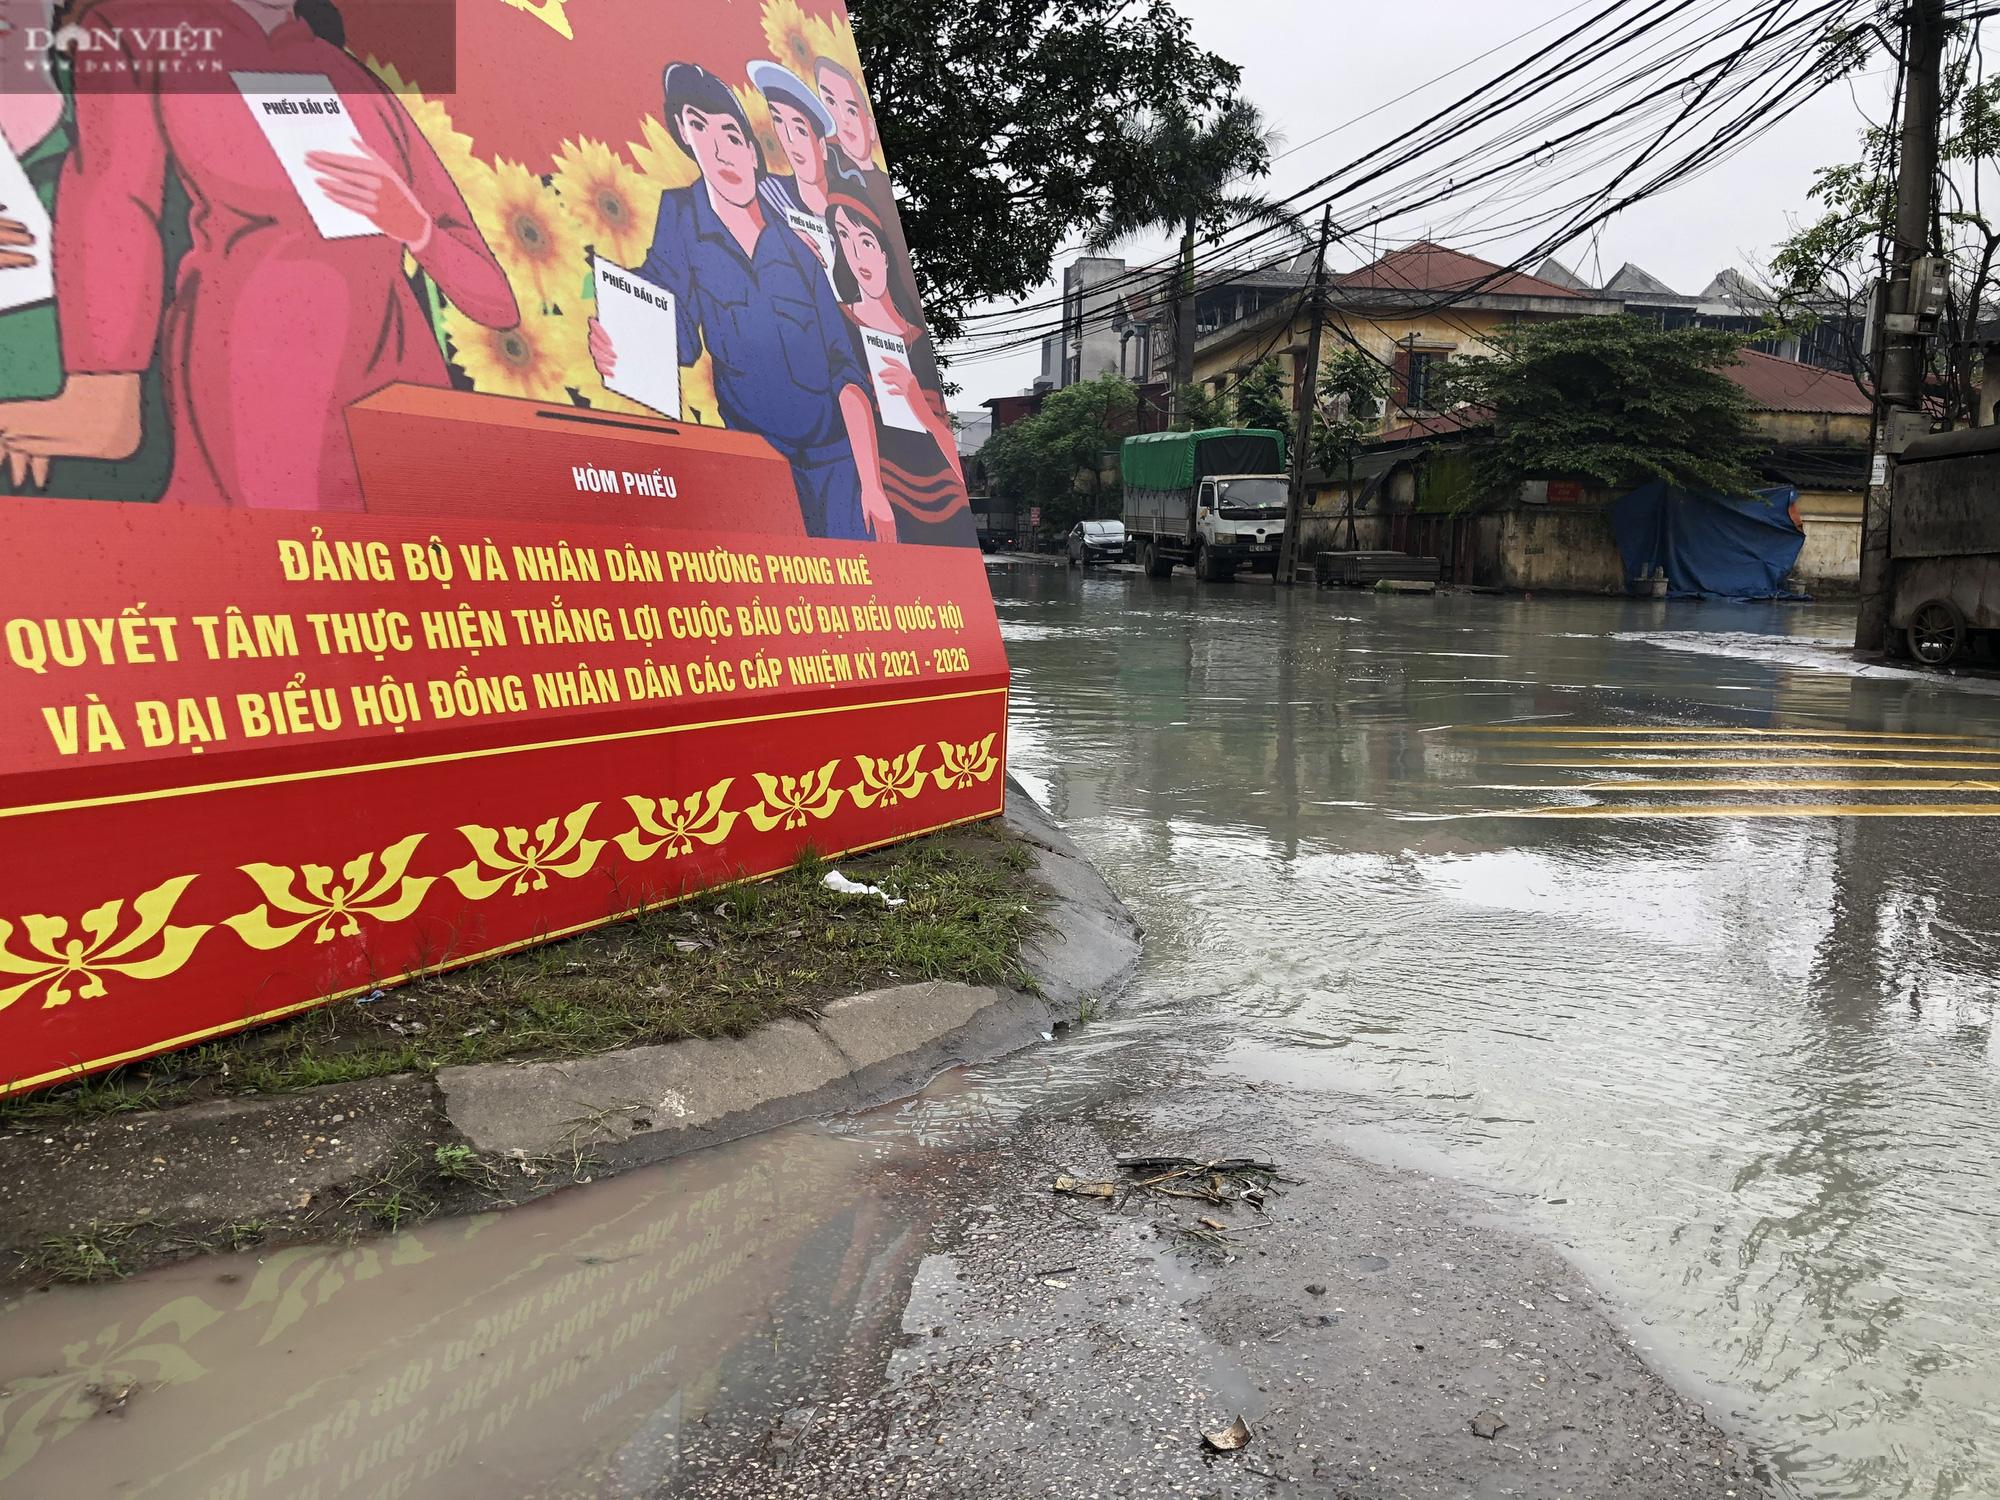 Bắc Ninh: Rùng mình chứng kiến cảnh học sinh chân trần lội nước bùn đen hôi thối ở làng giấy Phong Khê  - Ảnh 1.